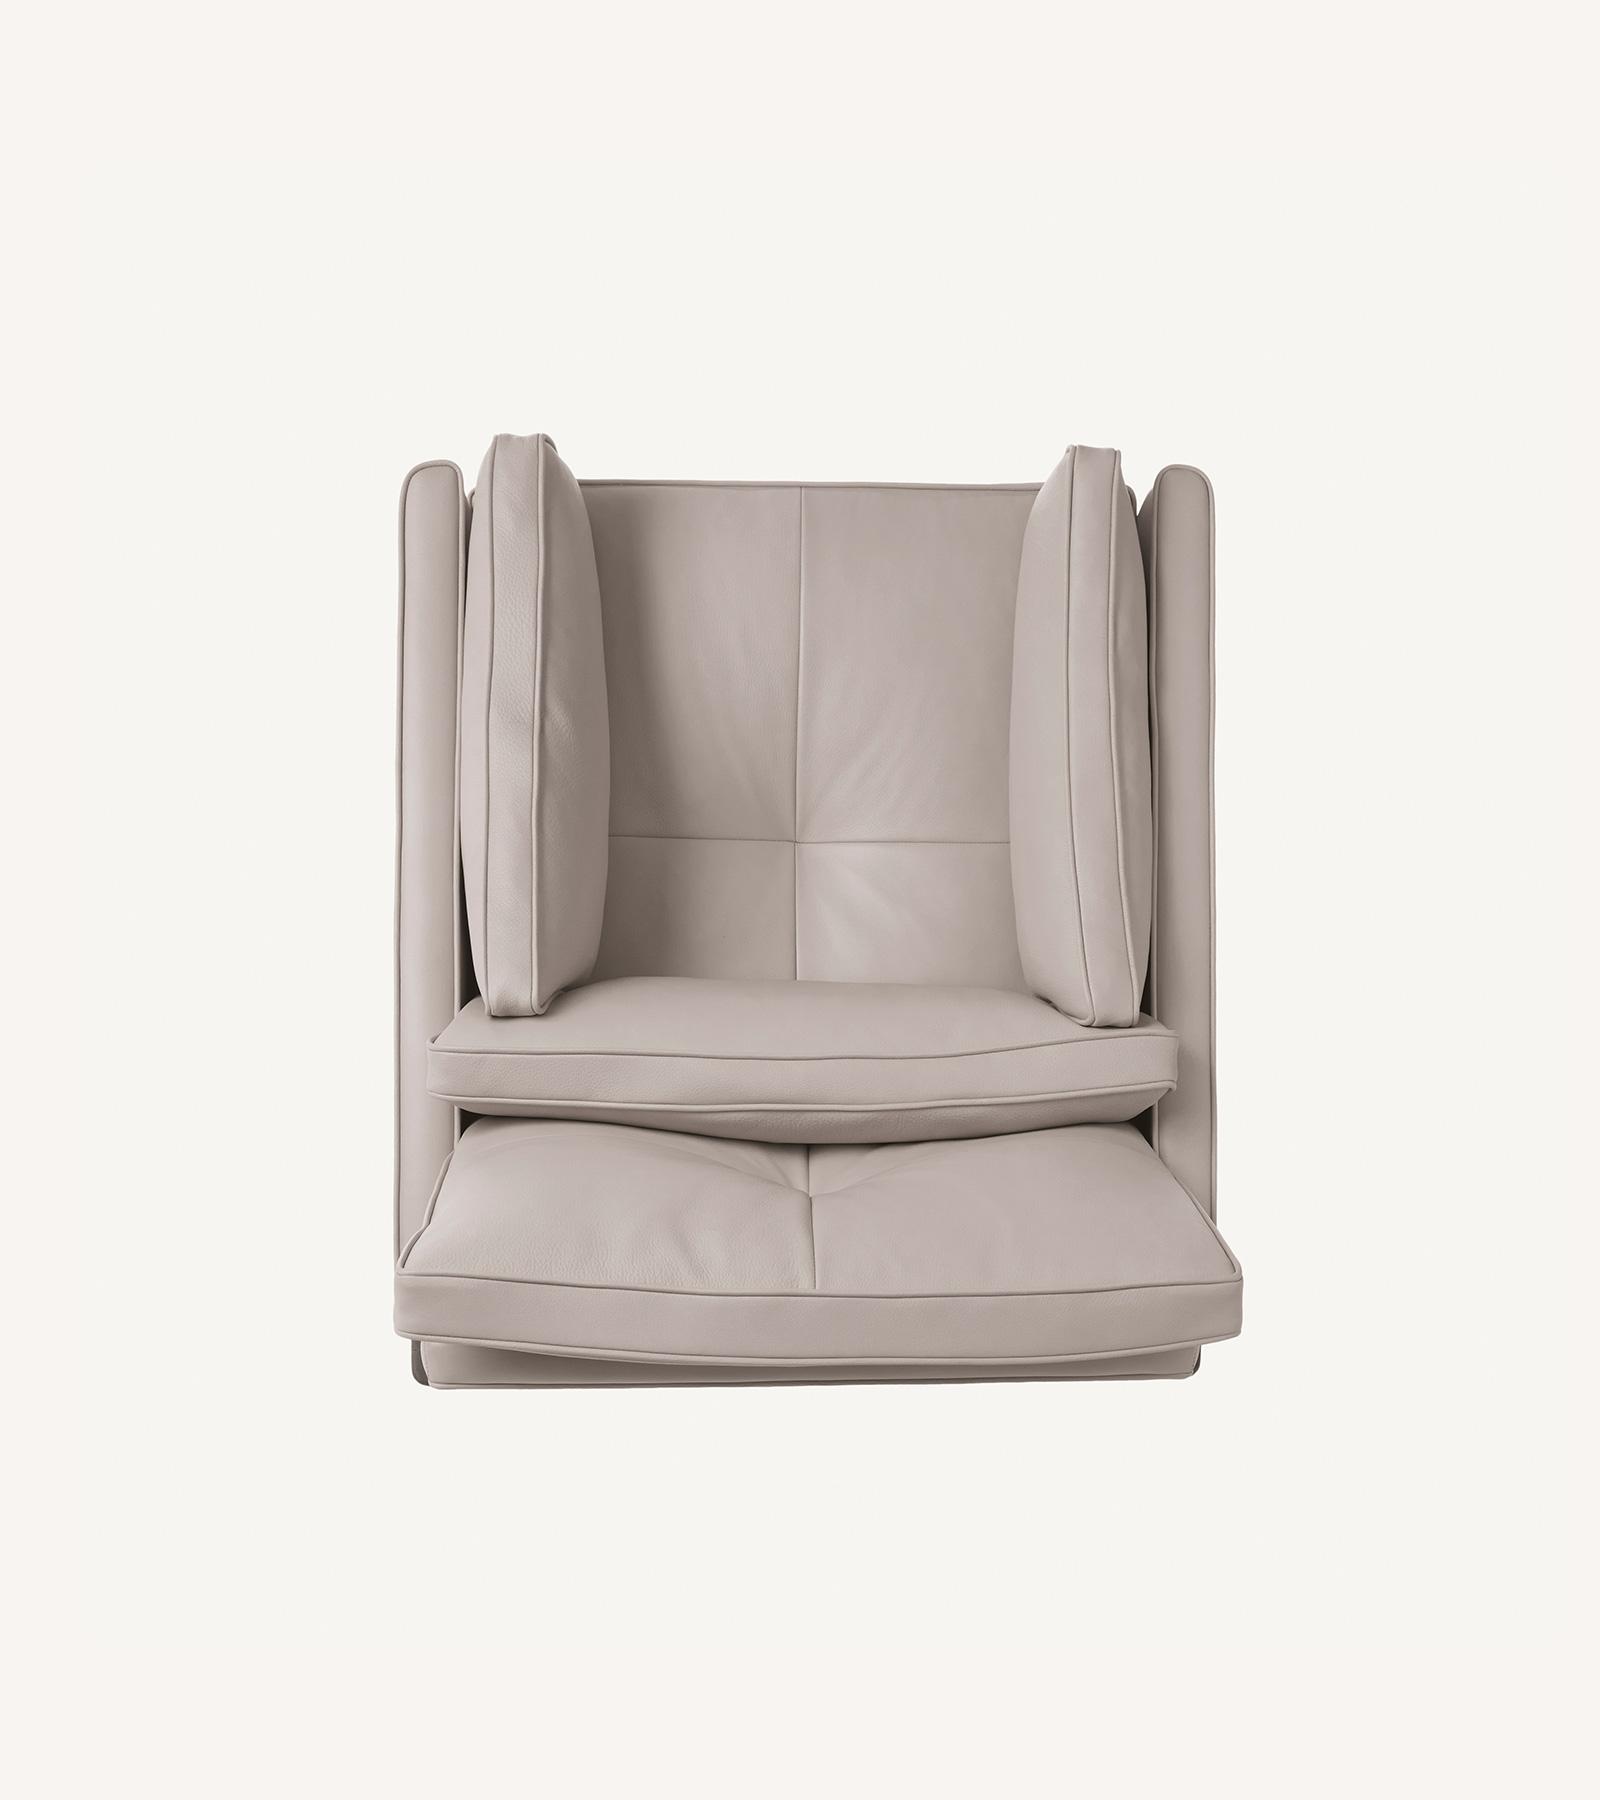 TinnappleMetz-bassamfellows-Wood-Frame-Lounge-Chair-03